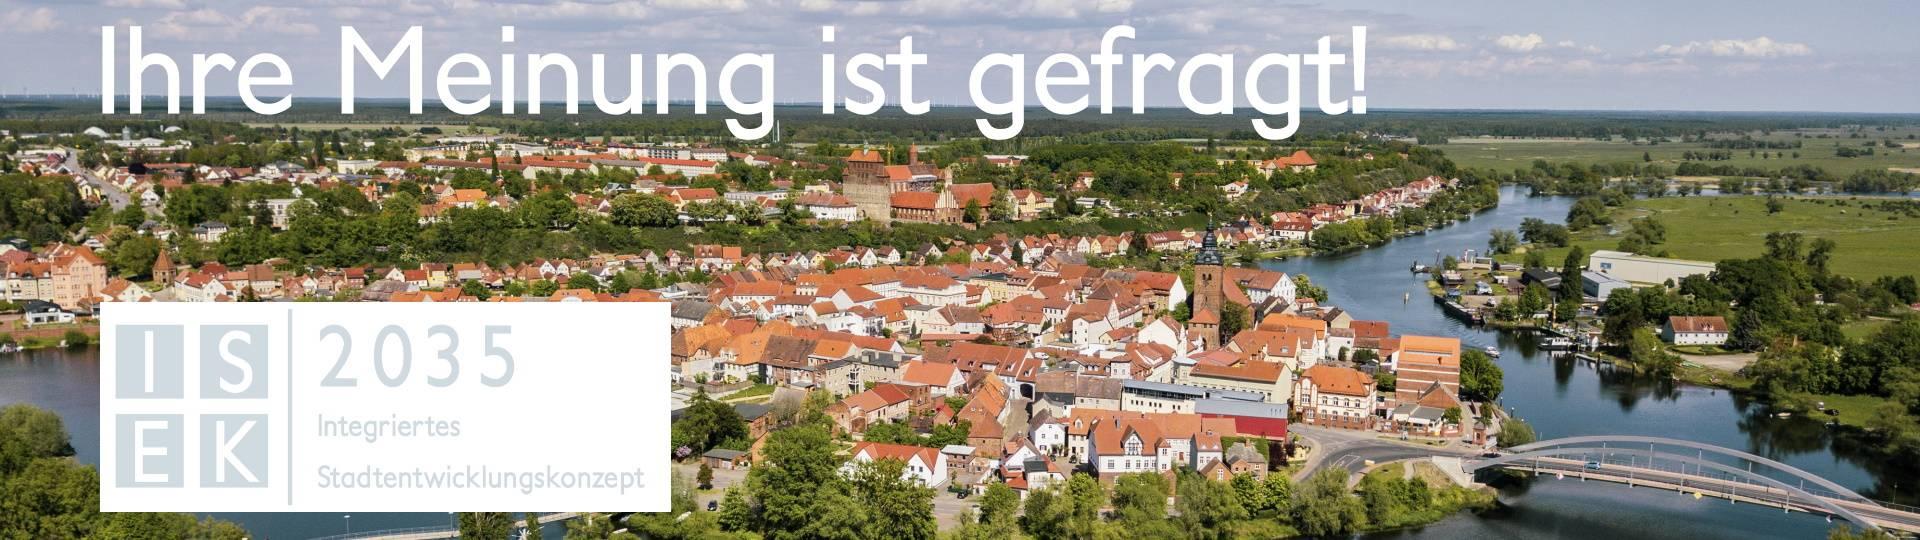 entwurf fett kopfgrafik isek 2035 ihre meiniung ist gefragt ©Hansestadt Havelberg